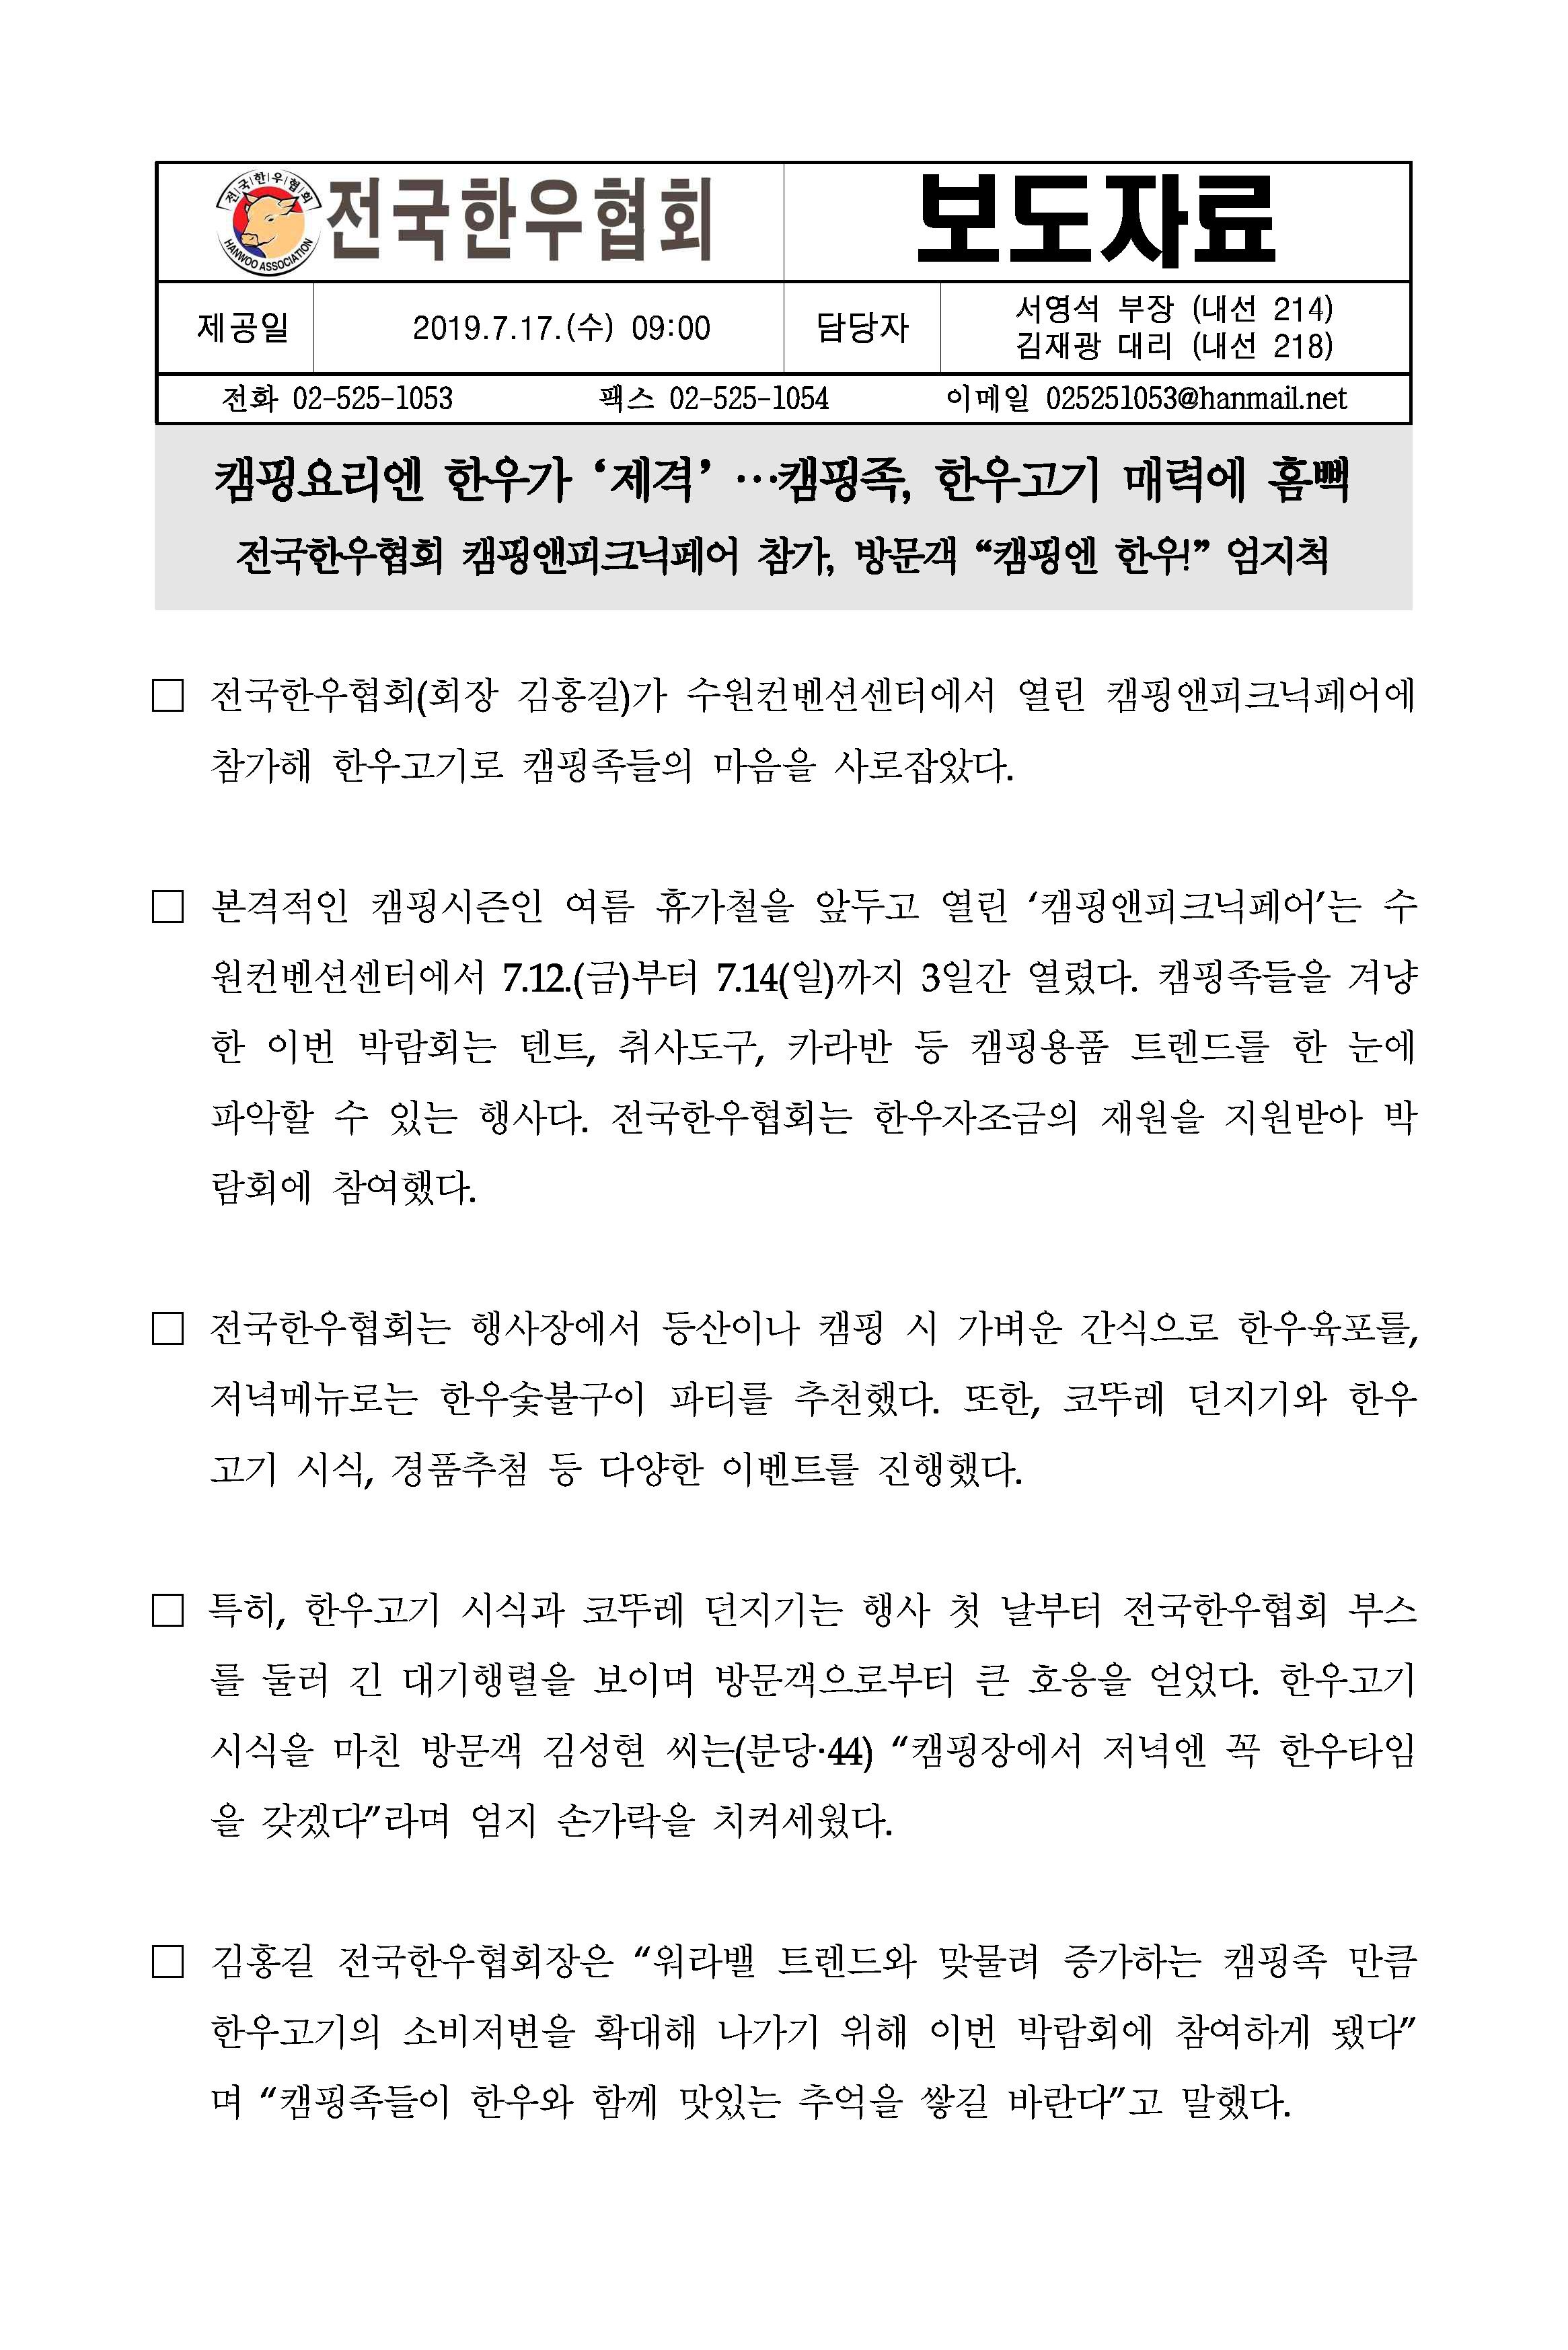 07.16 (보도자료) 캠핑요리엔 한우가 제격.png